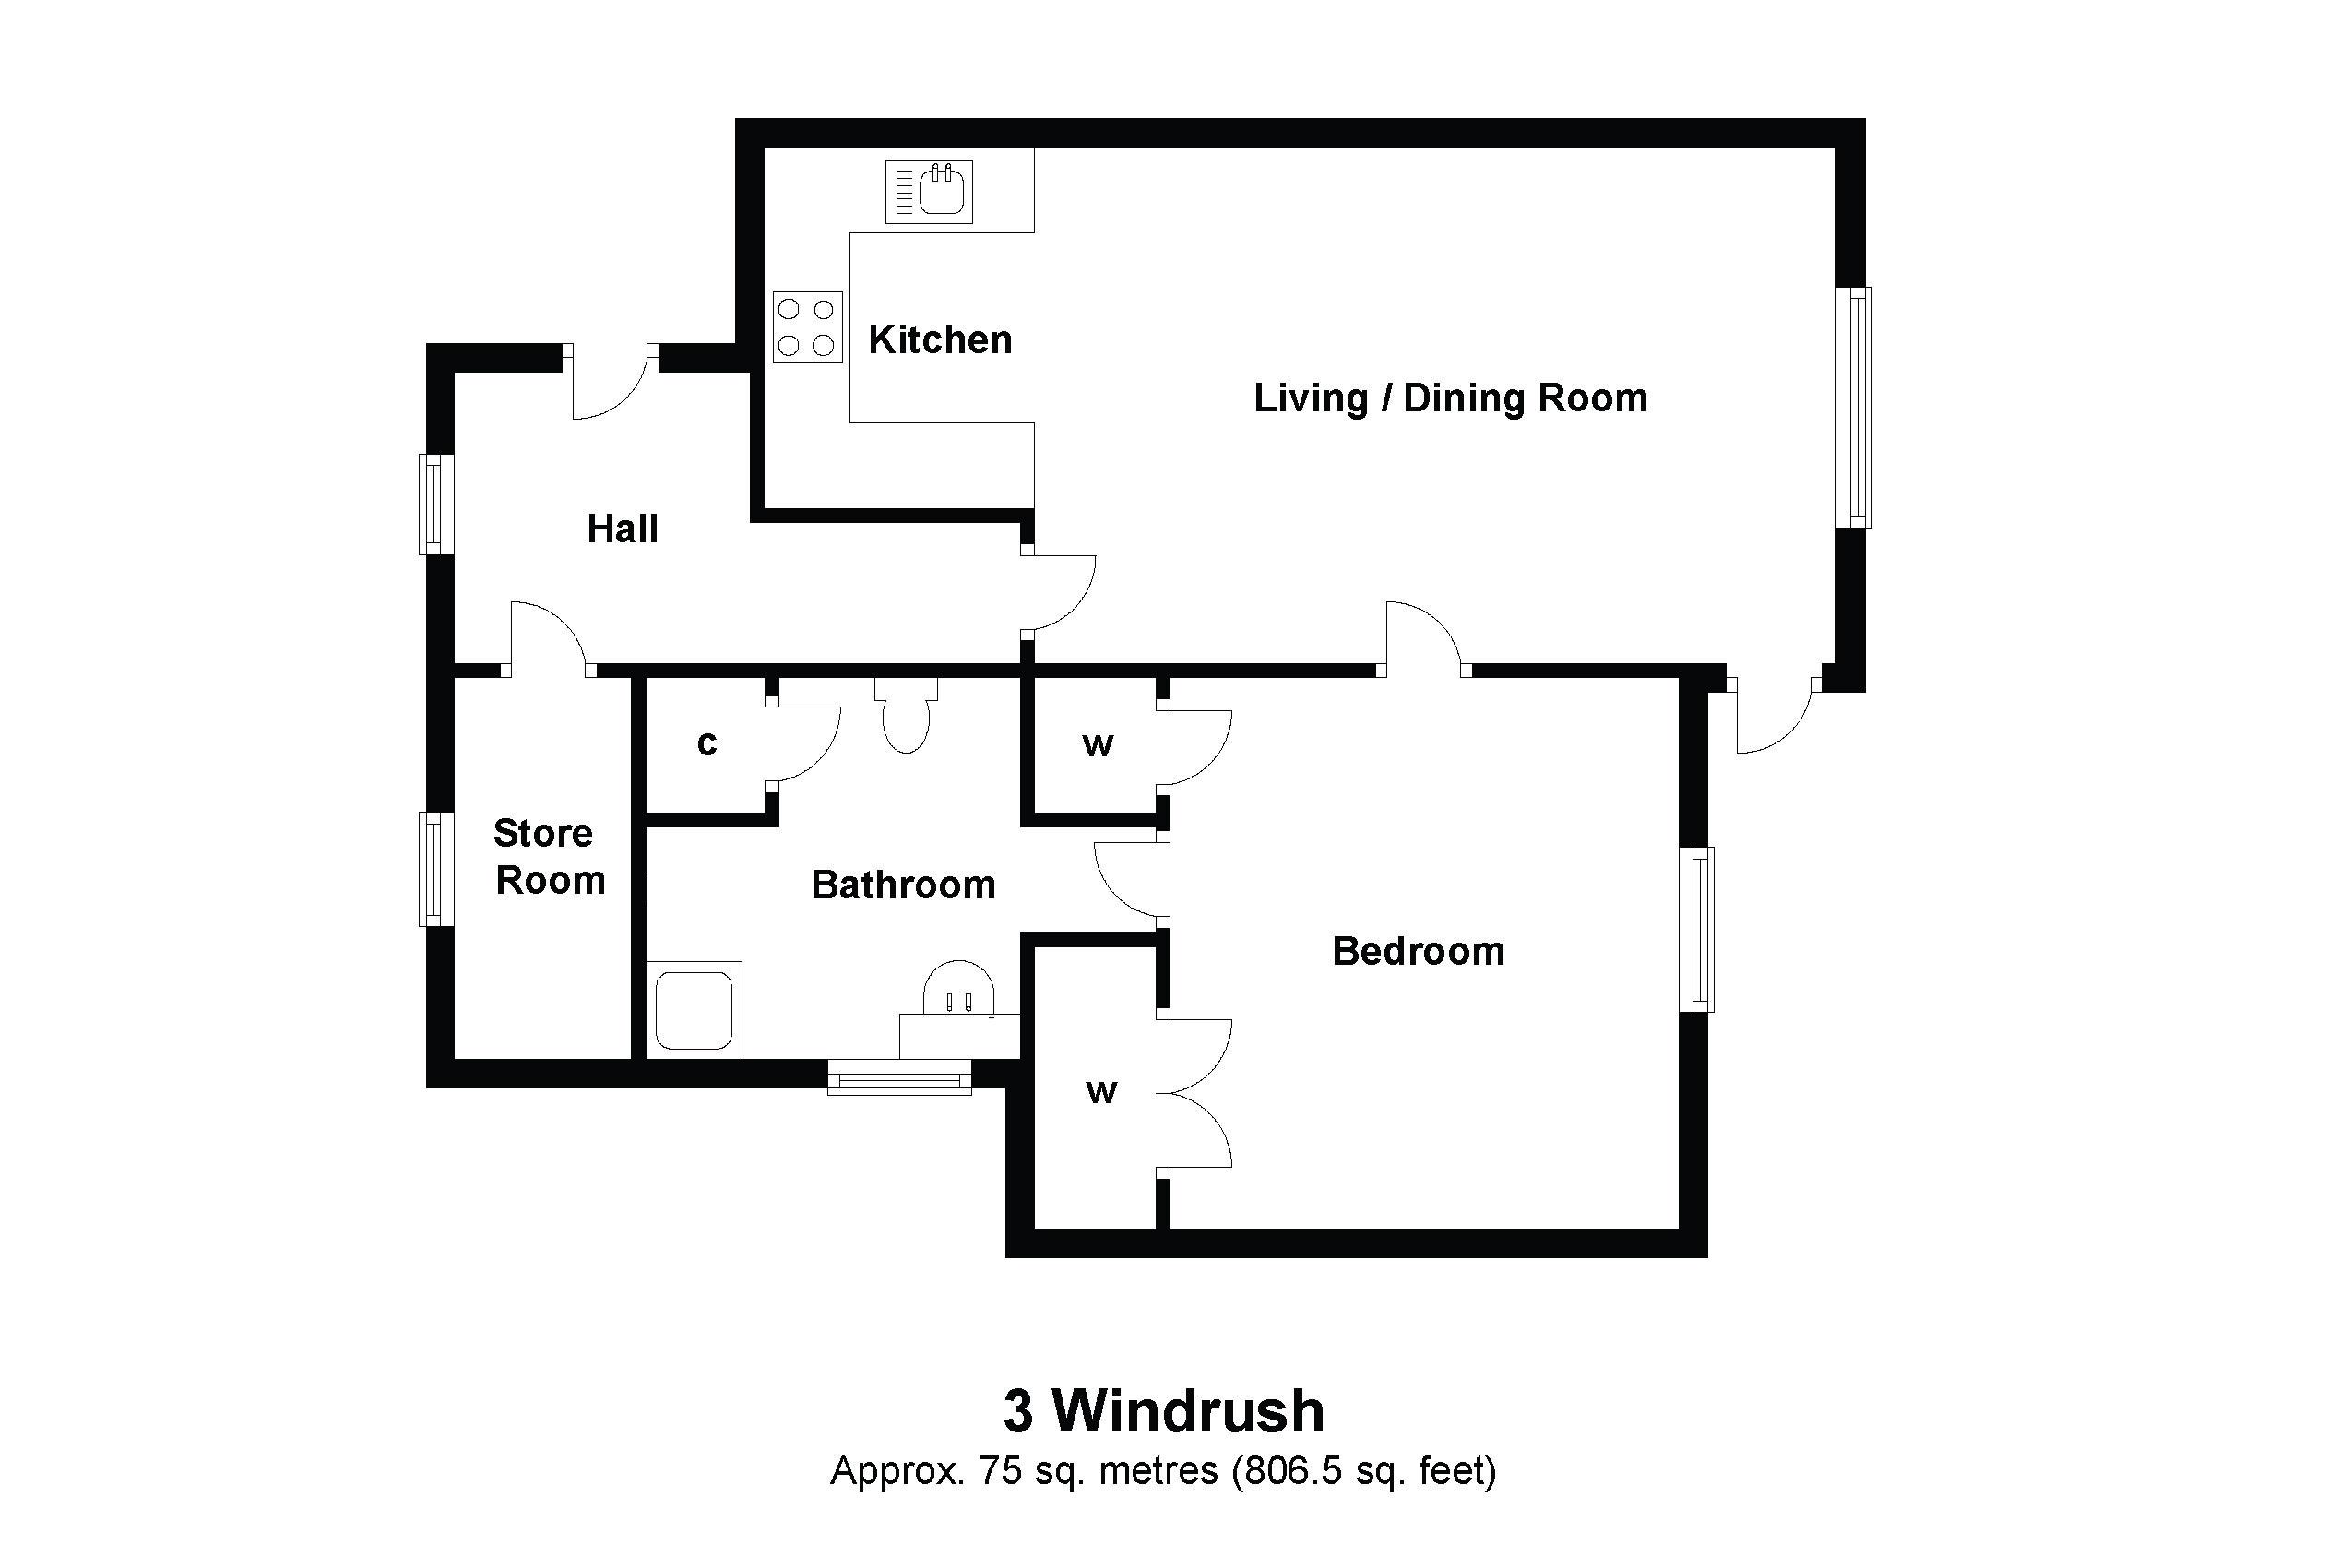 3 Windrush Floorplan